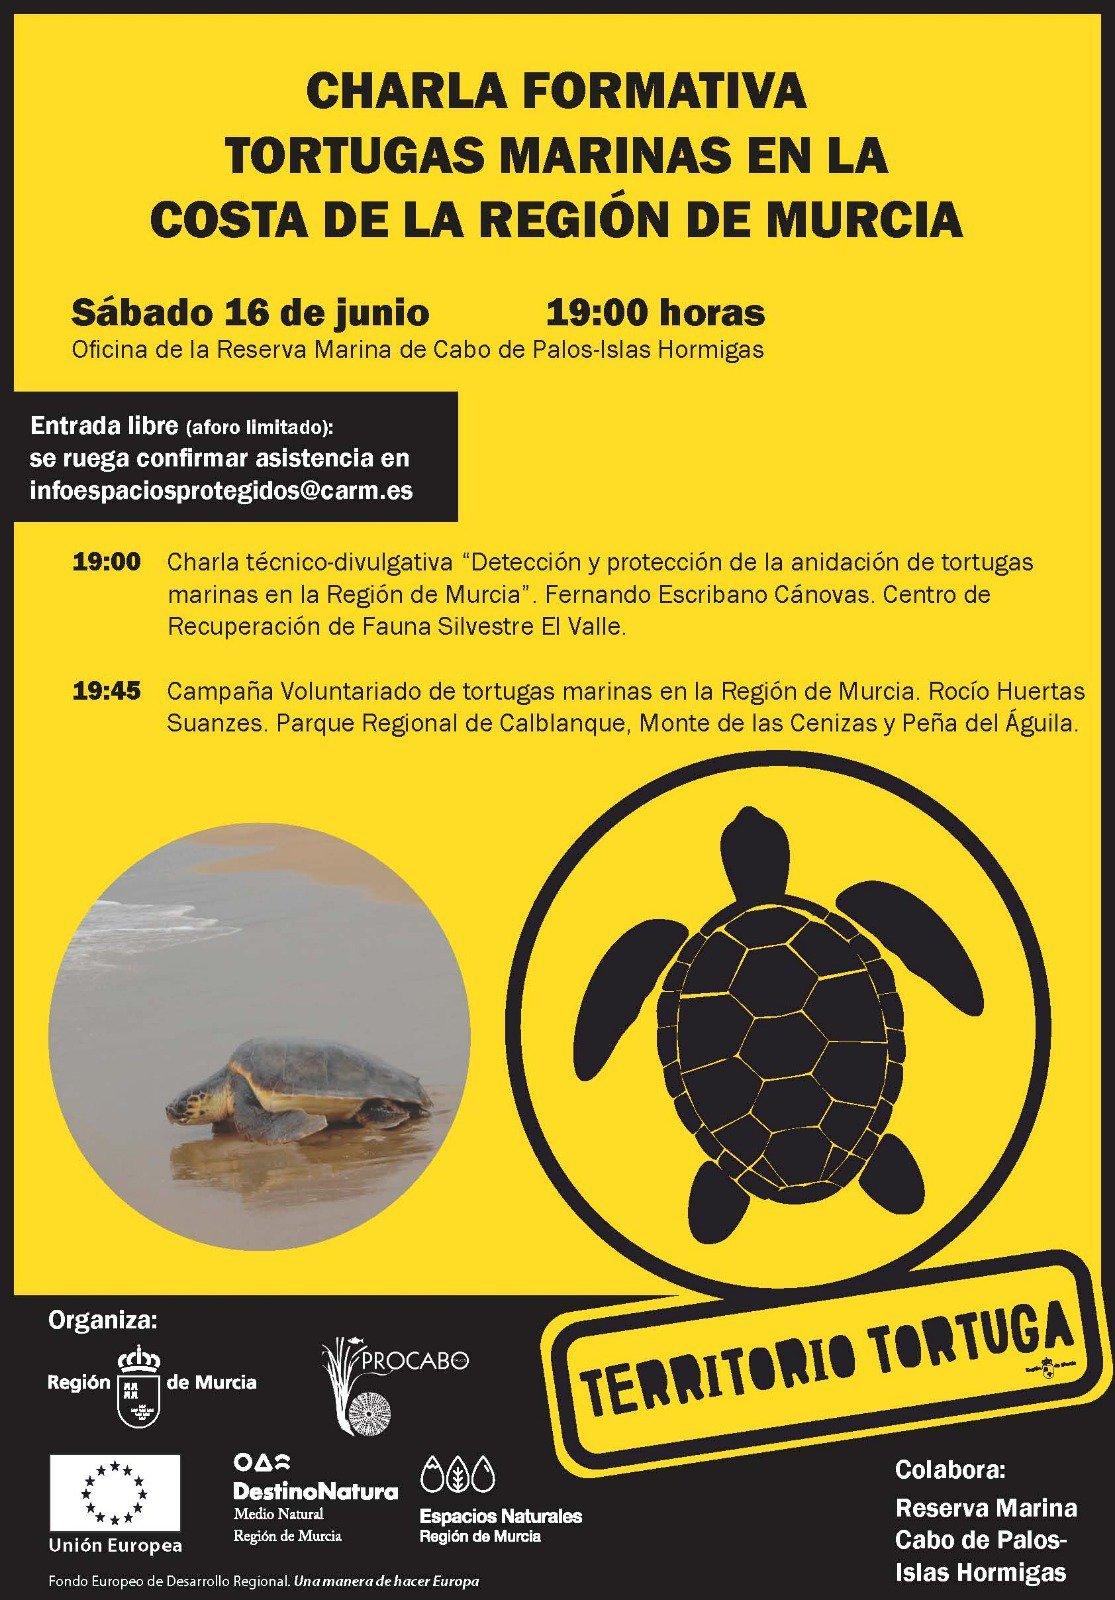 Charla sobre la tortugas marinas y sus posibles anidaciones, con al CARM